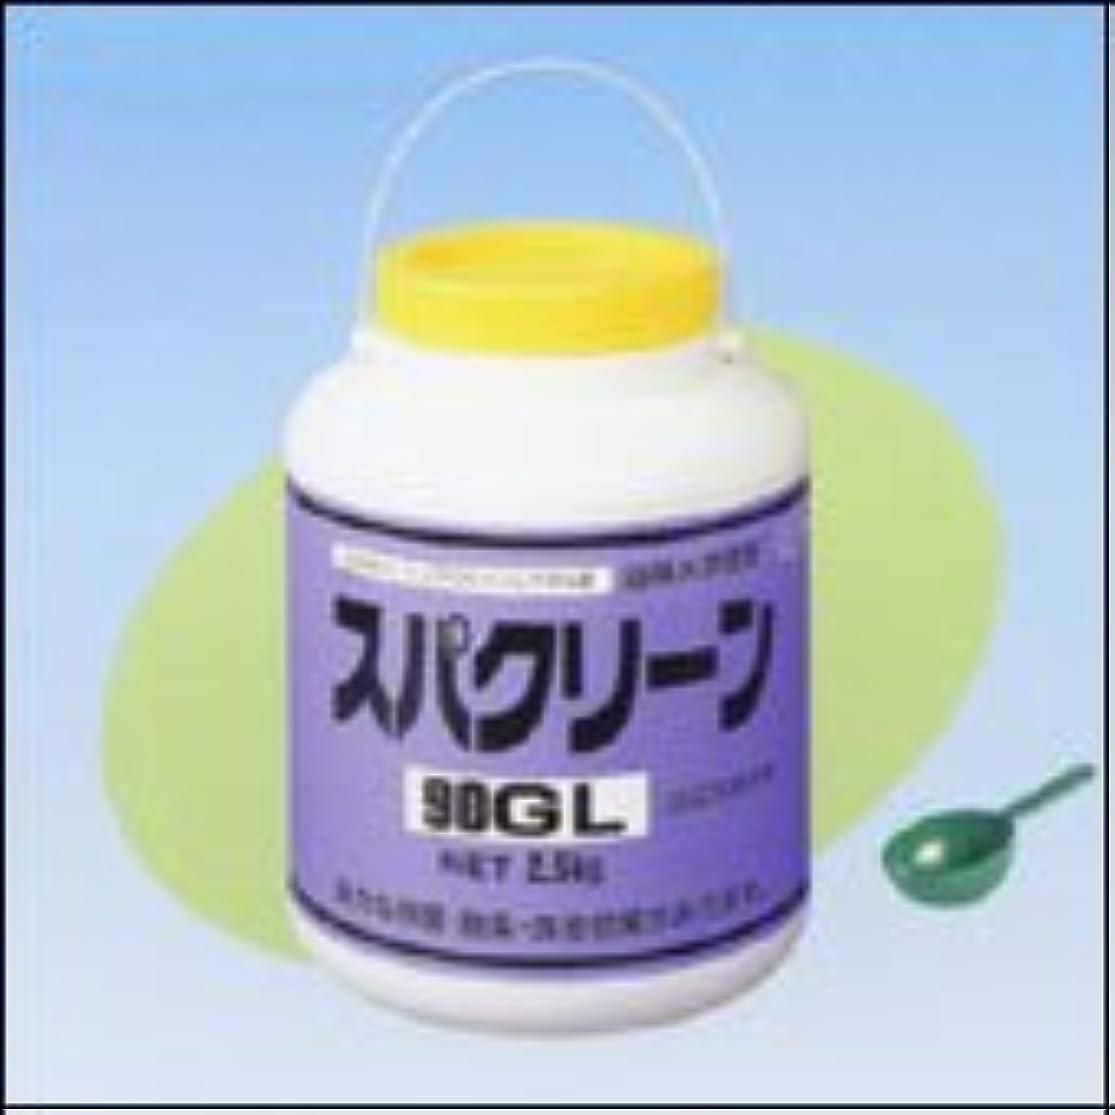 スツールもっと少なく吹きさらしスパクリーン 90GL 2.5kg 浴用水精澄剤 塩素